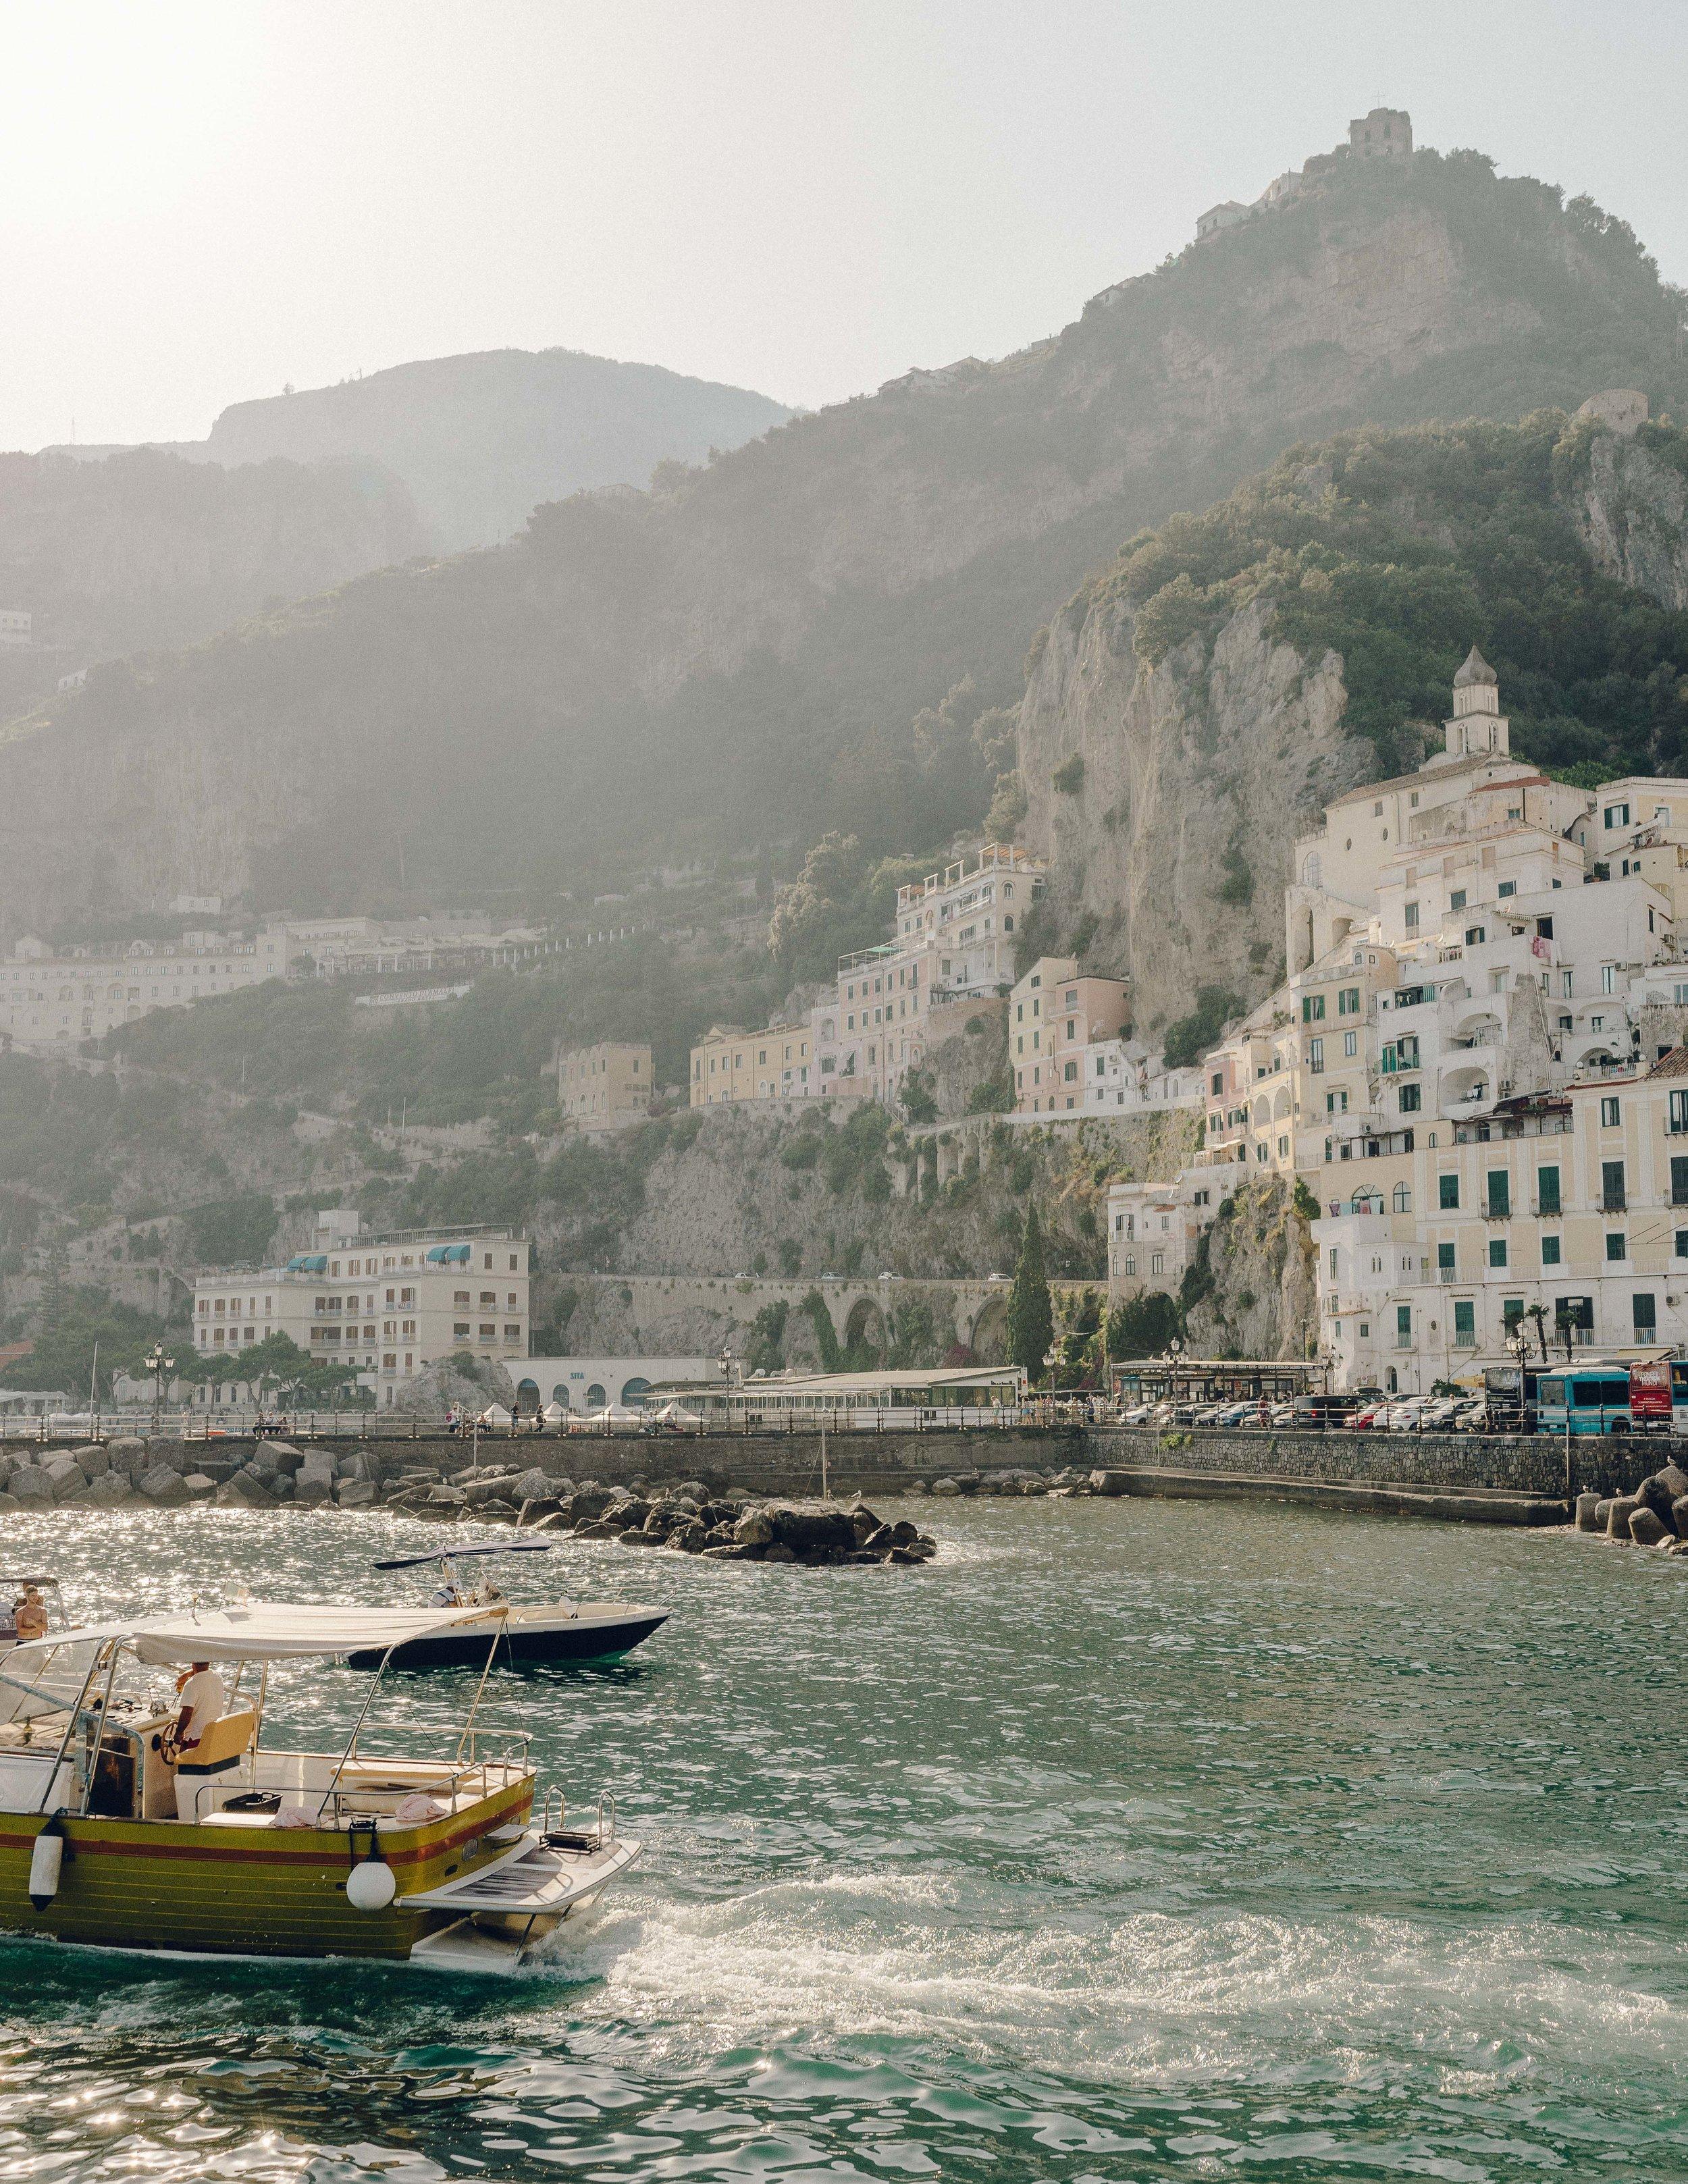 ASROSENVINGE_Roadtrip_Italy_Amalfi-07504.jpg